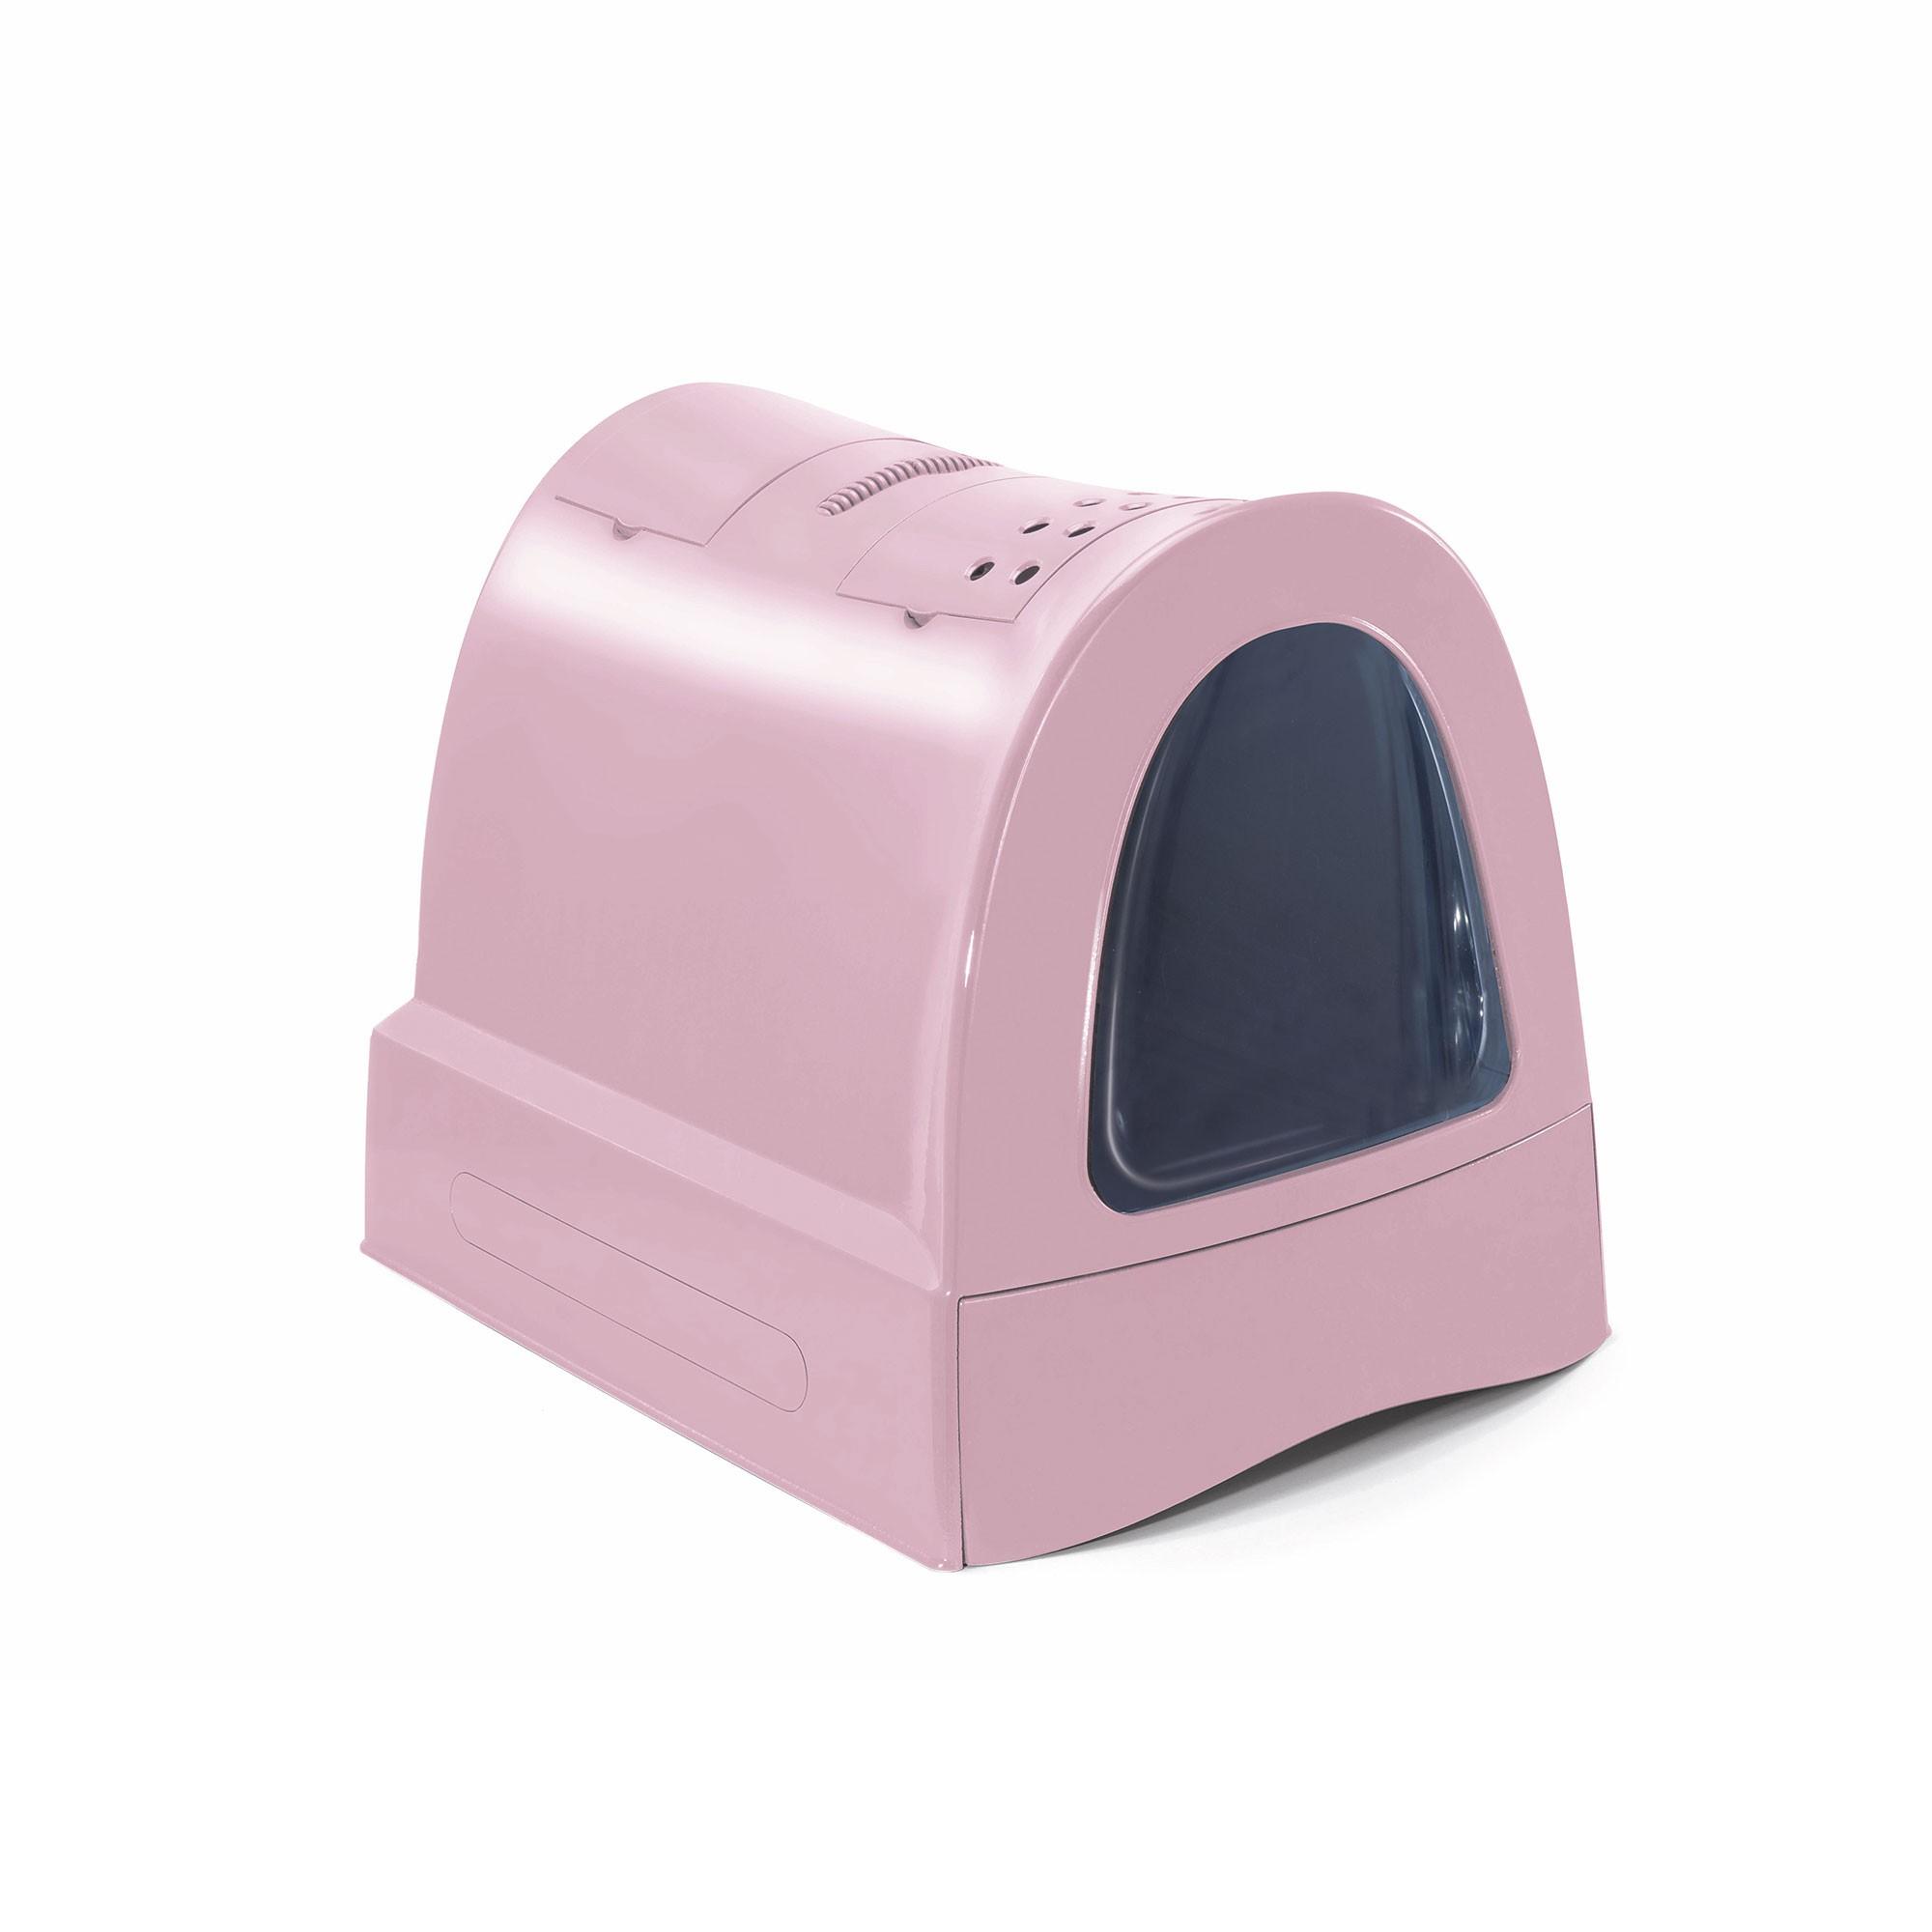 Krytý kočičí záchod s výsuvnou zásuvkou pro stelivo Argi - růžový - 40x56x42,5 cm